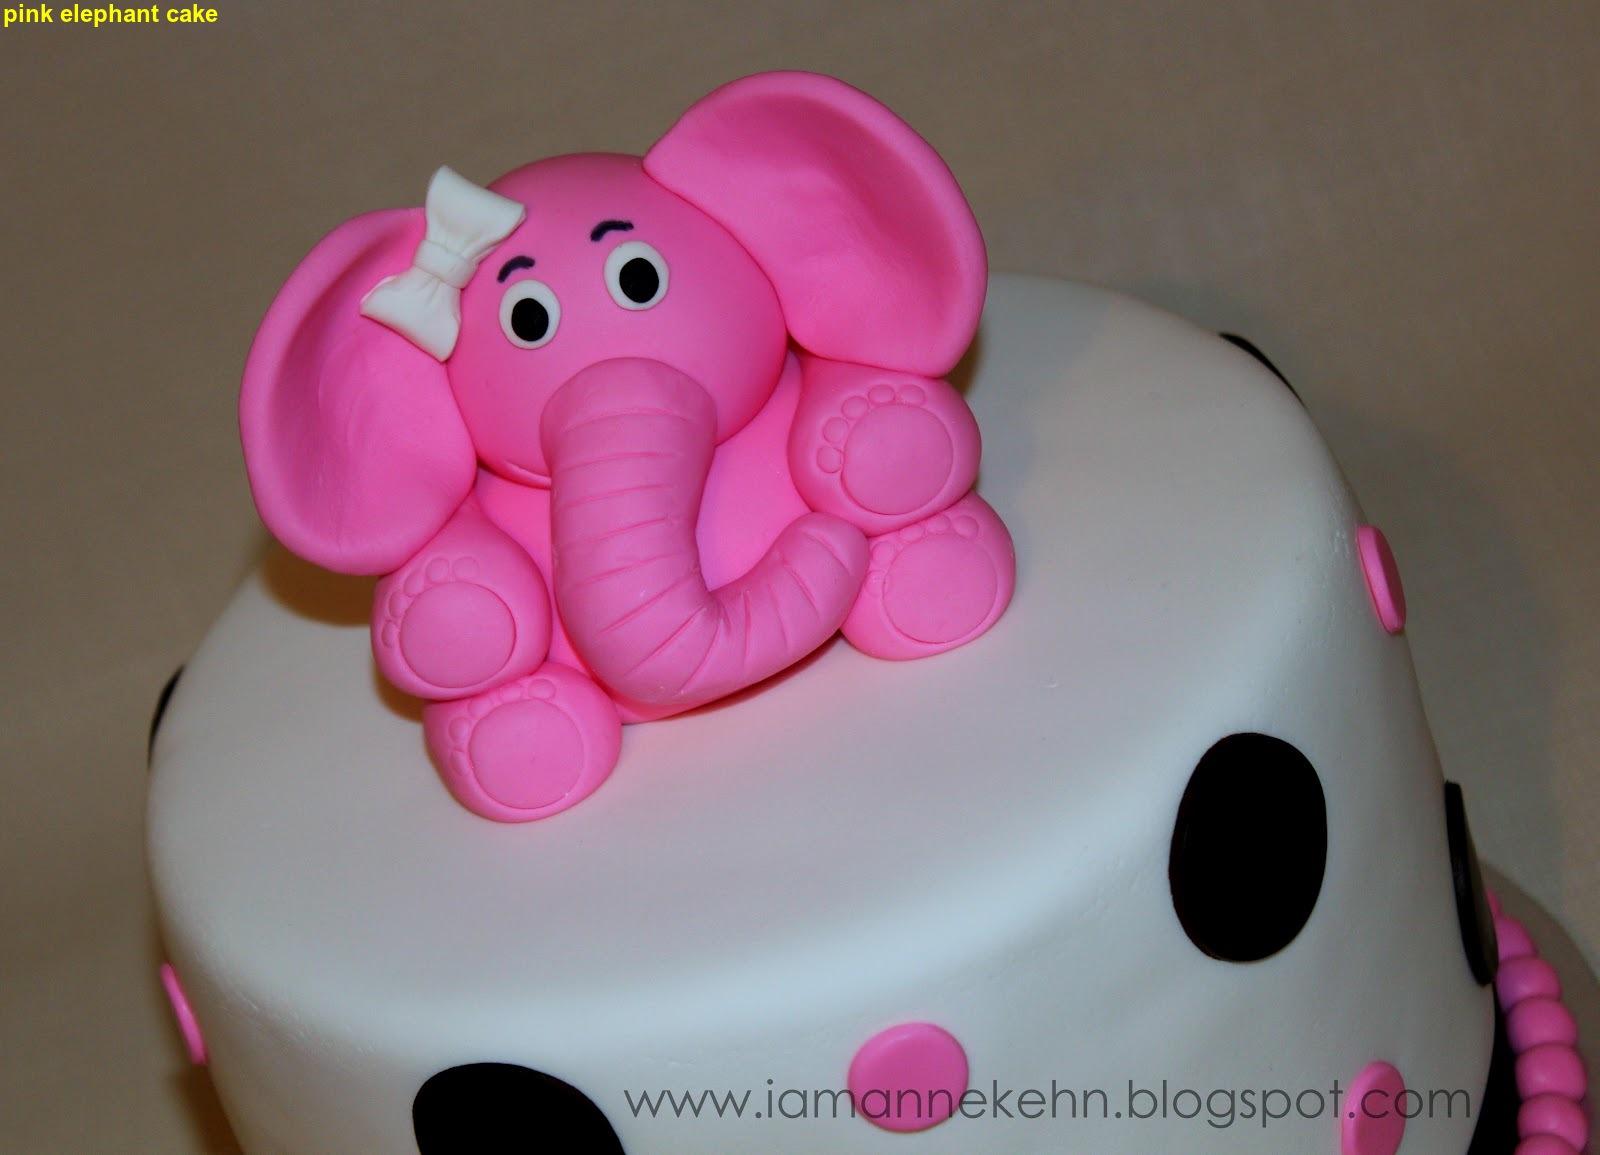 Pink Elephant Cake 2015